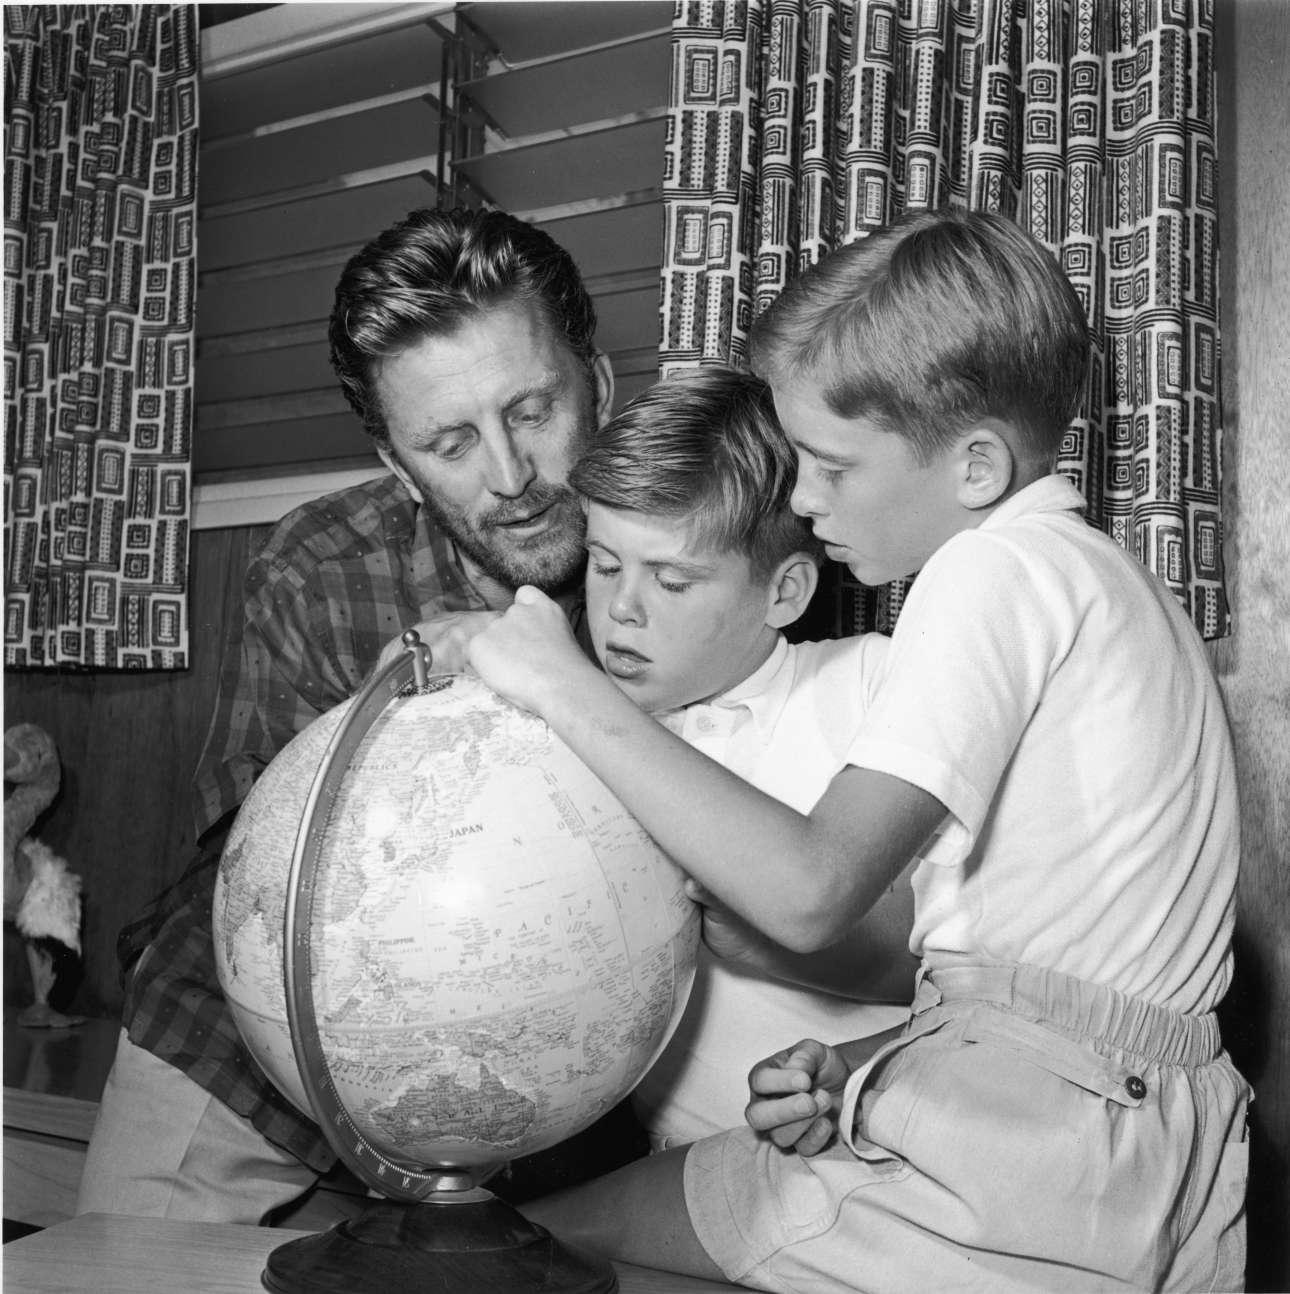 Το 1956, ο Κερκ Ντάγκλας περιγράφει τα ταξίδια του στους γιους του, τον Τζόελ και τον εικονιζόμενο δεξιά Μάικλ Ντάγκλας